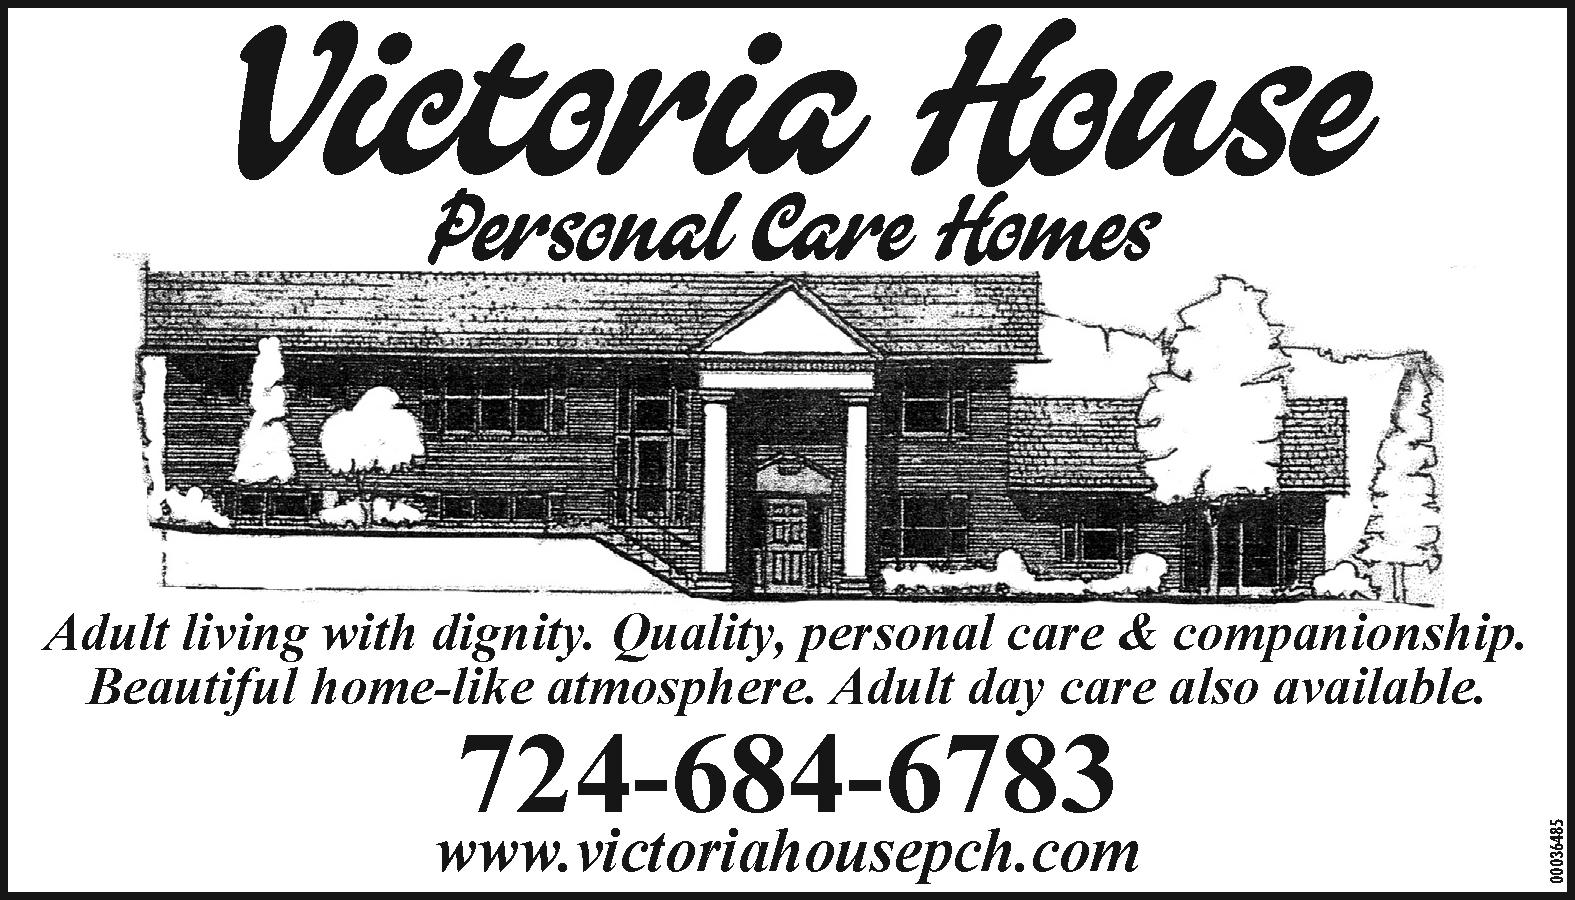 00036485_Victoria House